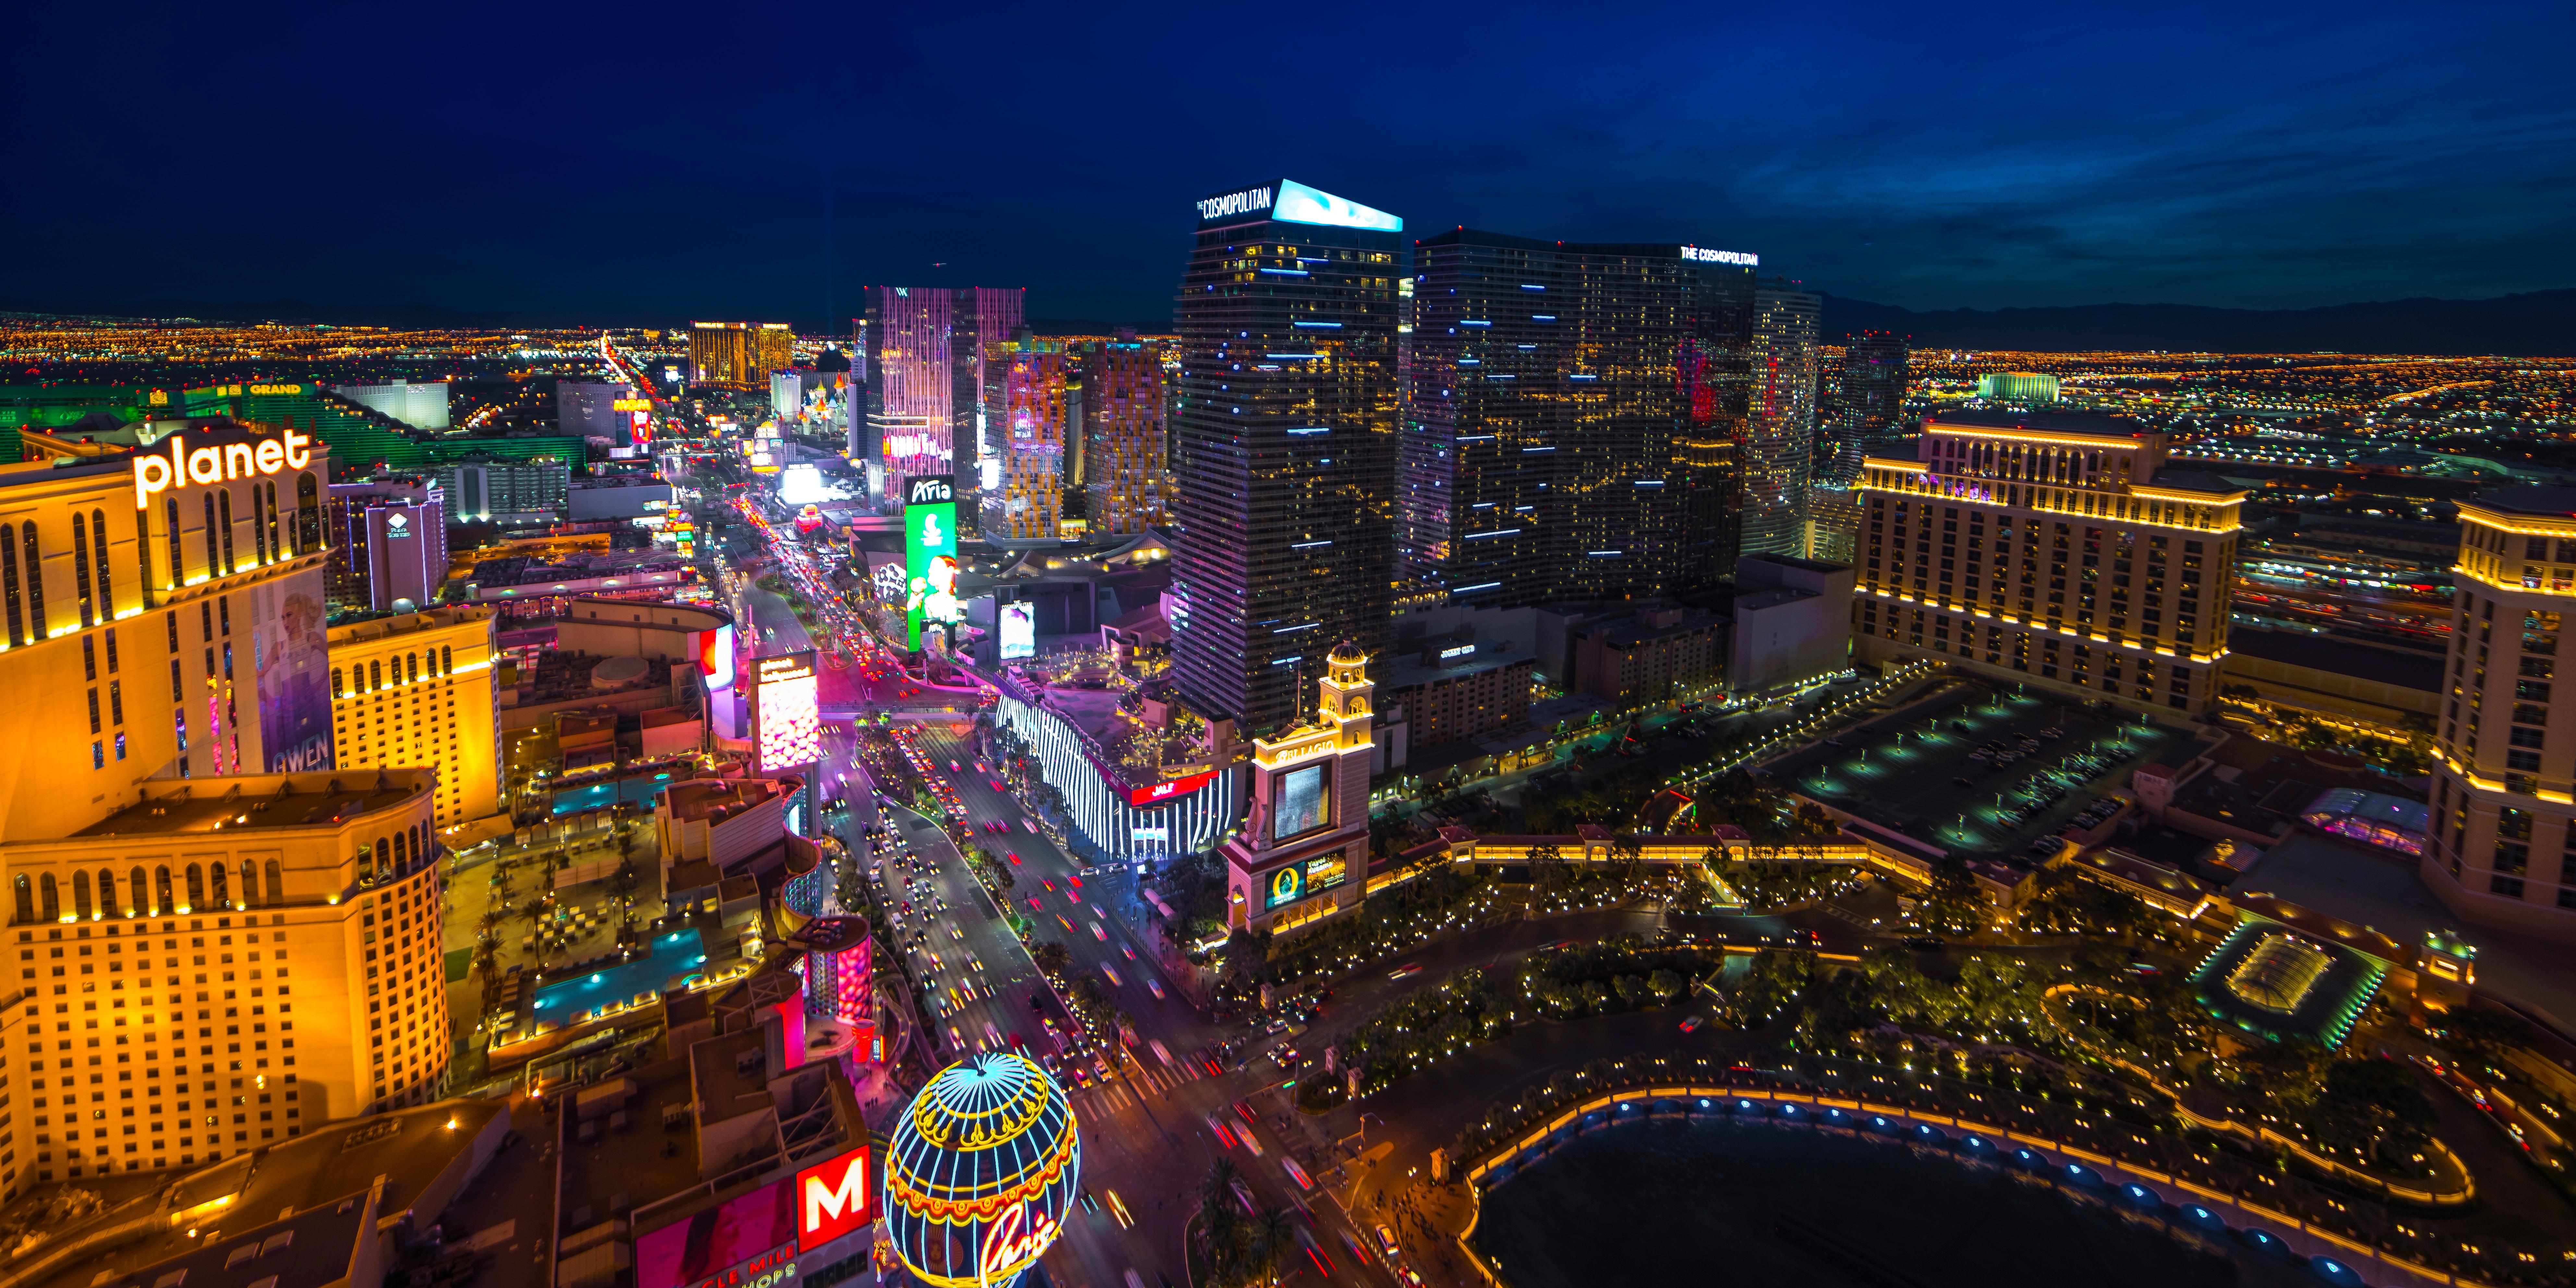 The view of the Las Vegas Strip from Paris Las Vegas